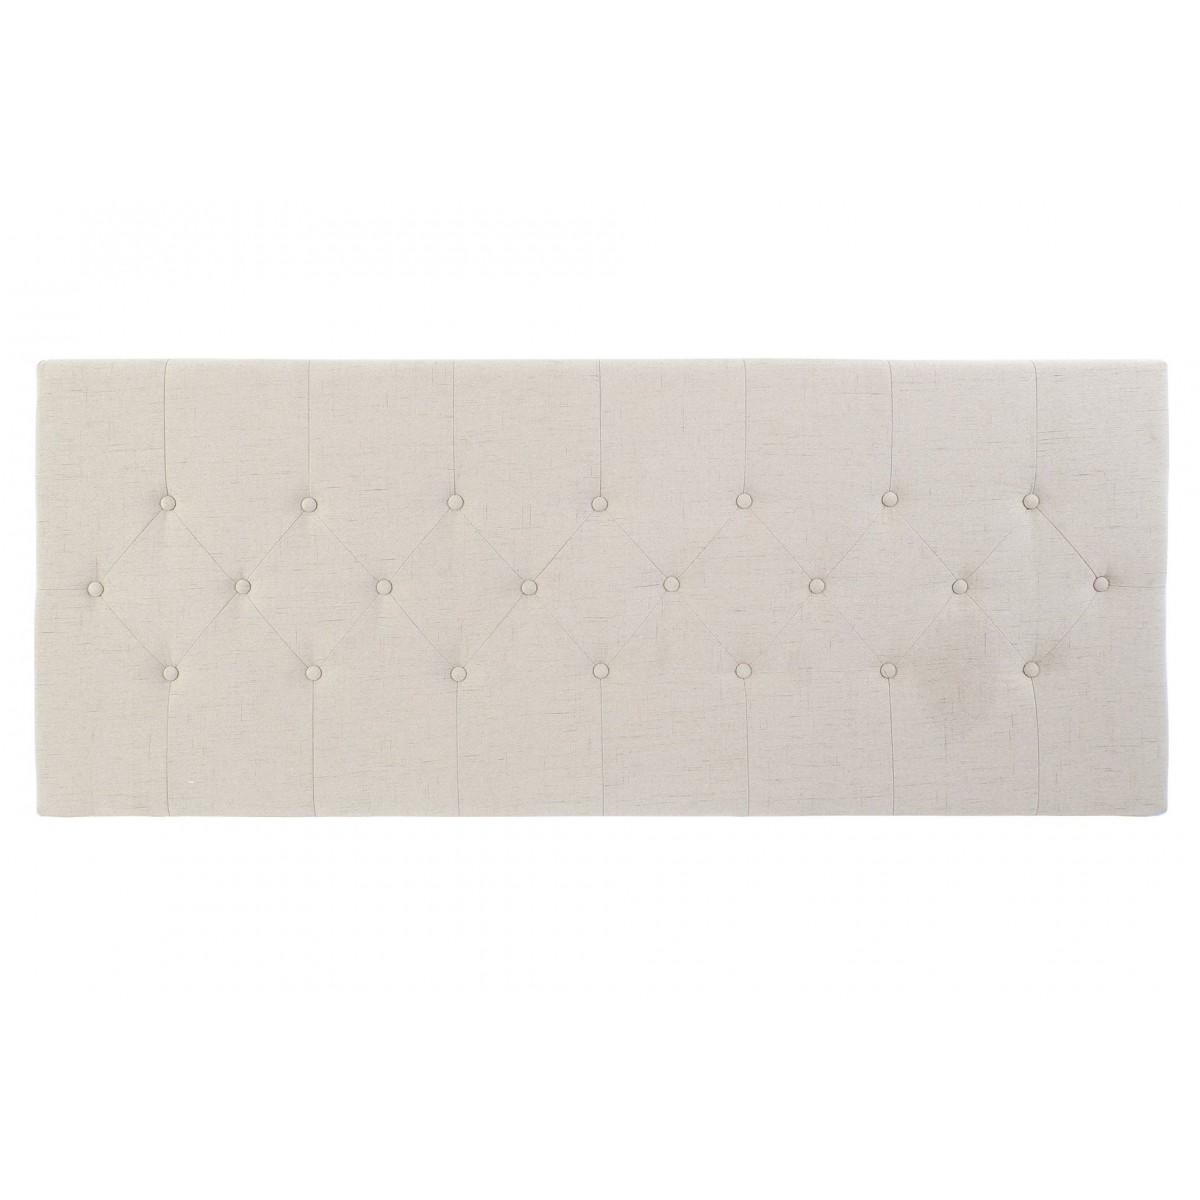 Tête de lit capitonnée polyester beige L160cm